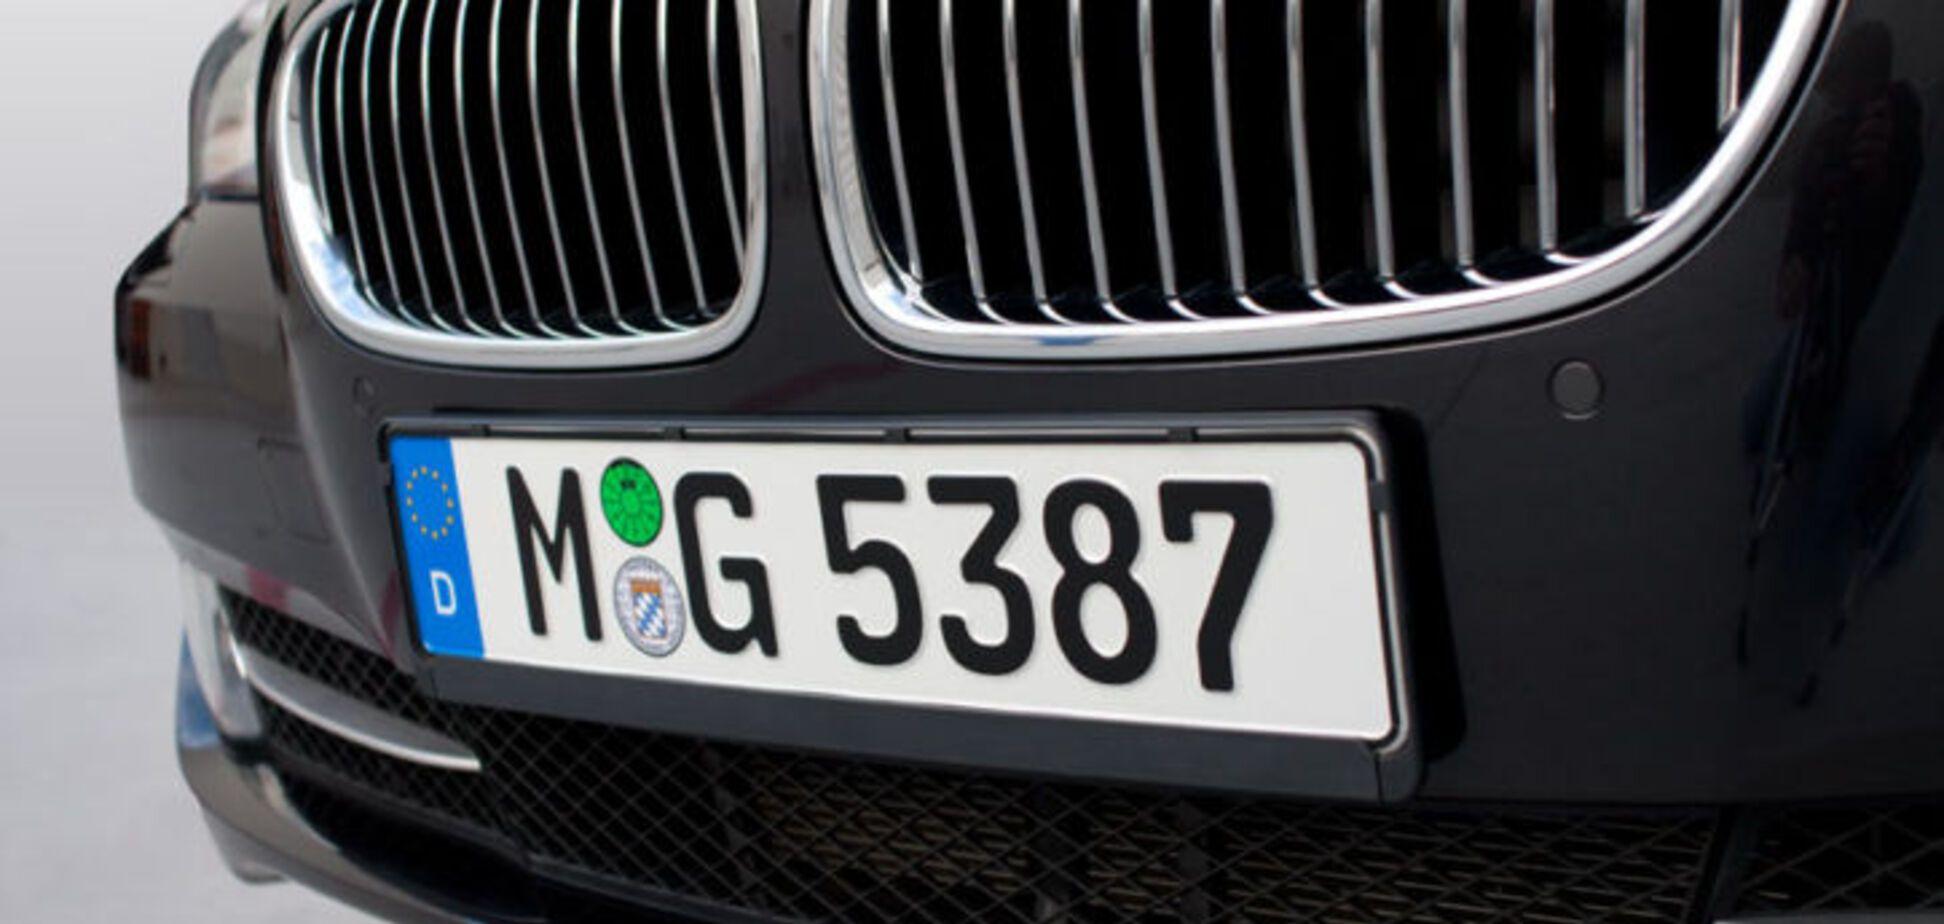 Террористы 'ДНР' нашли 'радикальное решение' проблемы авто на еврономерах